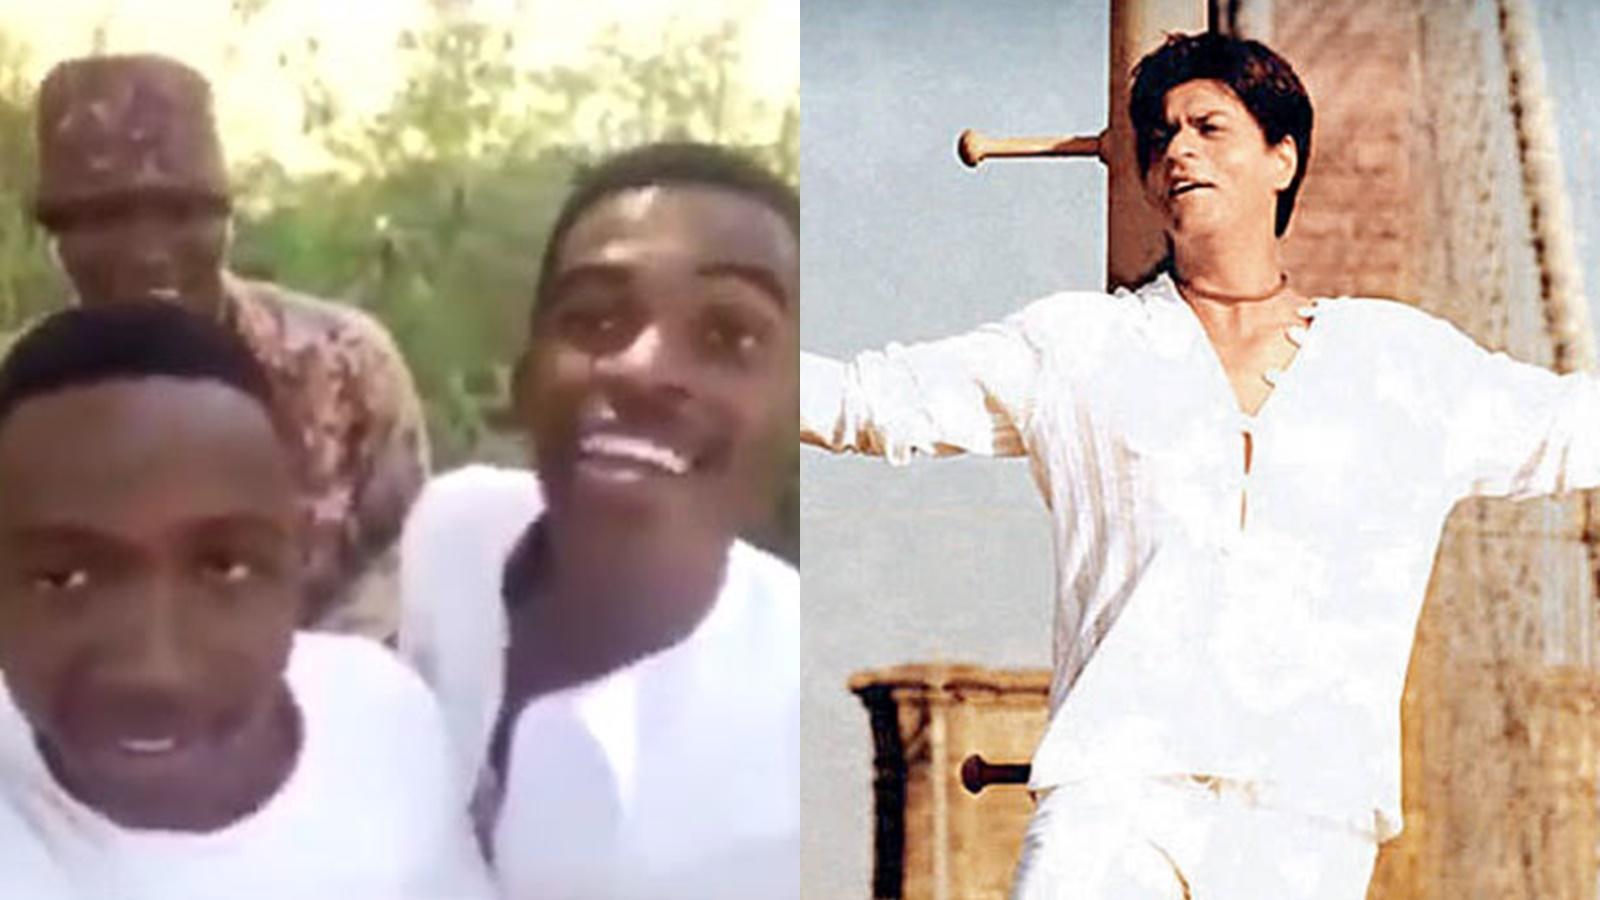 Viral: Shah Rukh Khan's Nigerian fans sing 'Kal Ho Na Ho' song!